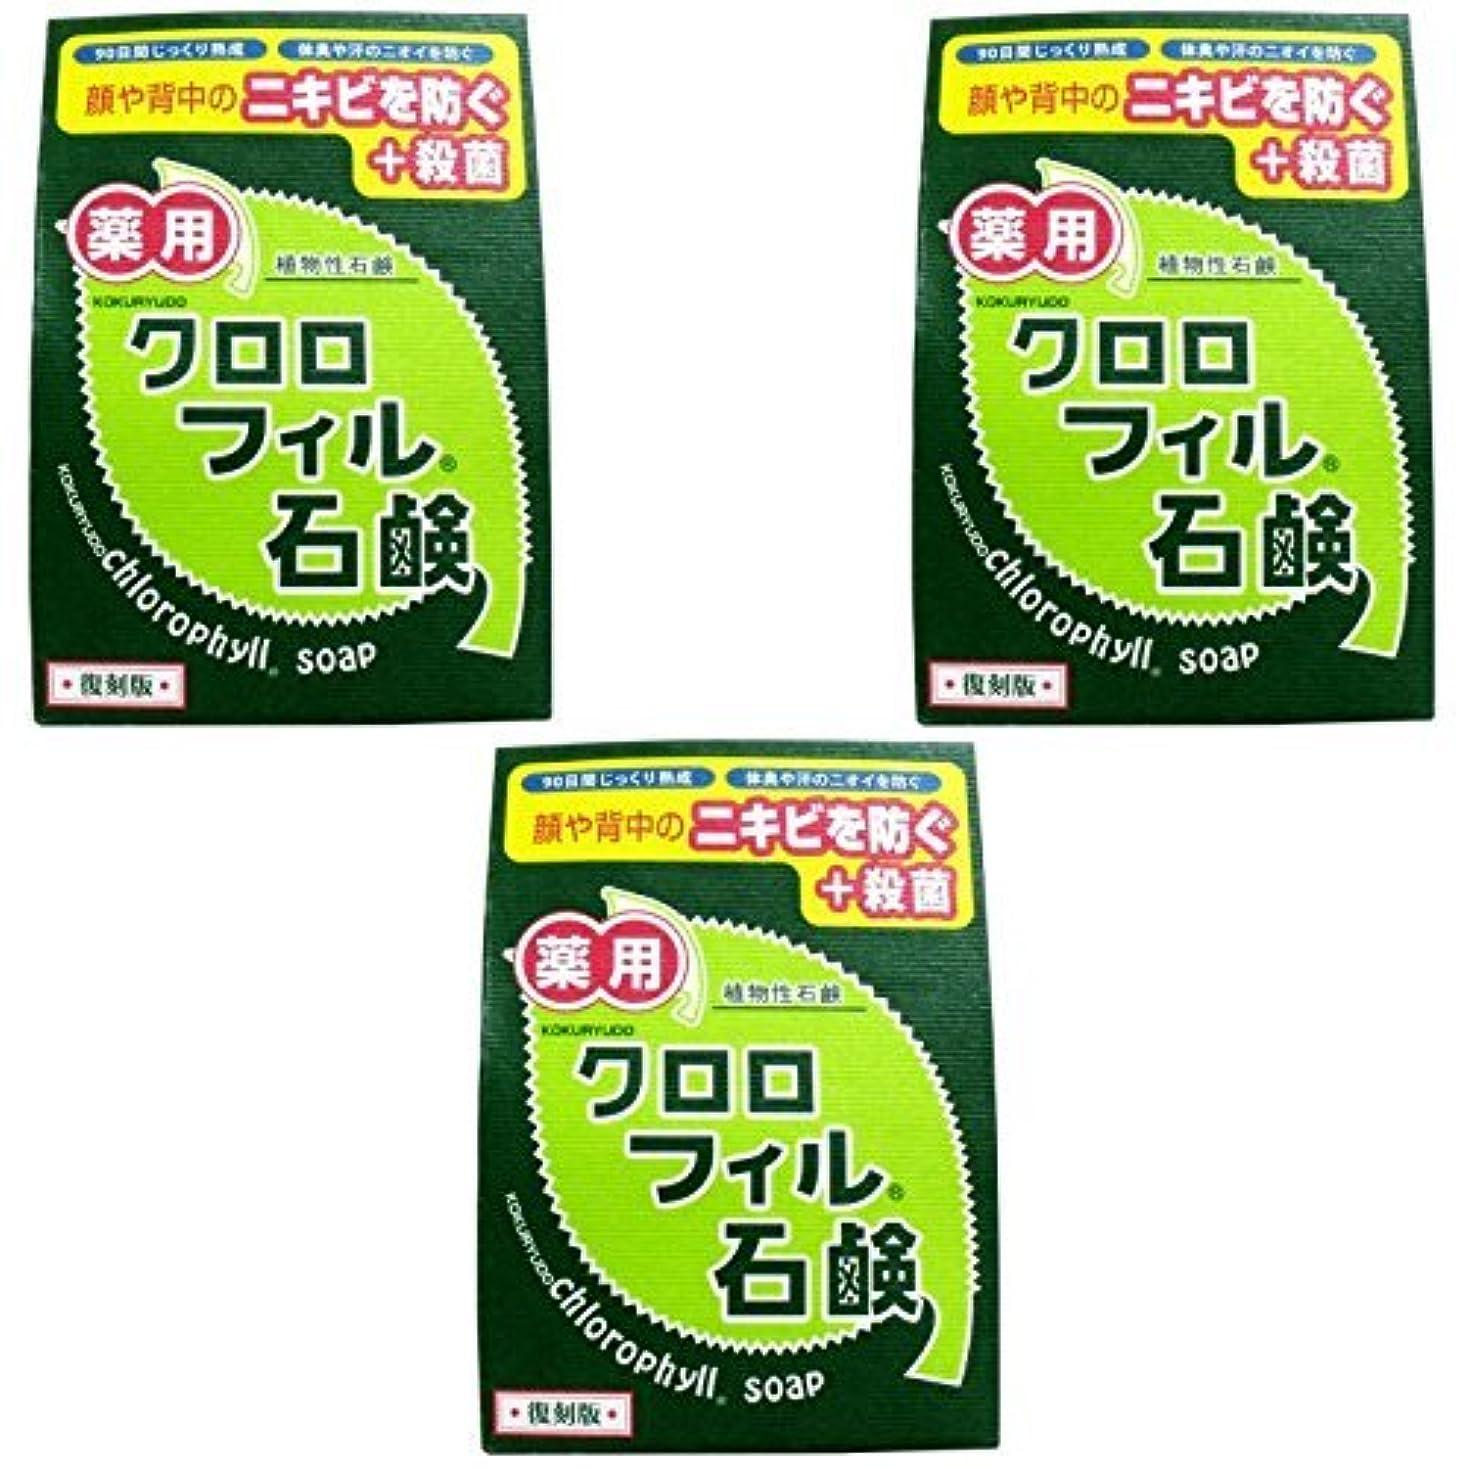 ラフ睡眠空白適格【まとめ買い】クロロフィル石鹸 復刻版 85g (医薬部外品)【×3個】